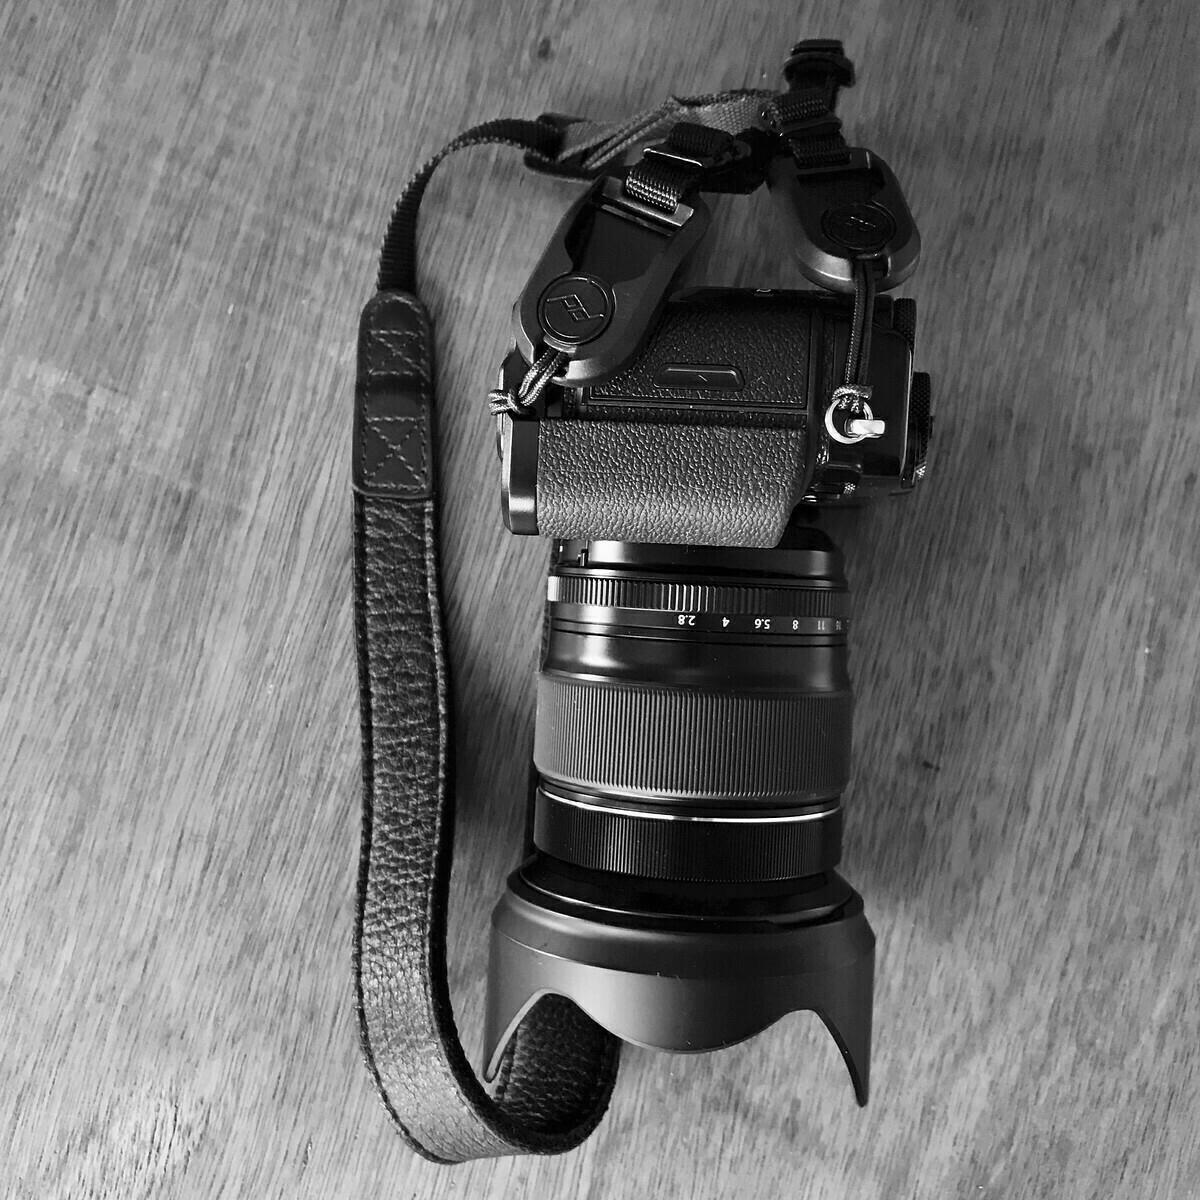 X-Pro2 + Eddycam + Peak Design 03